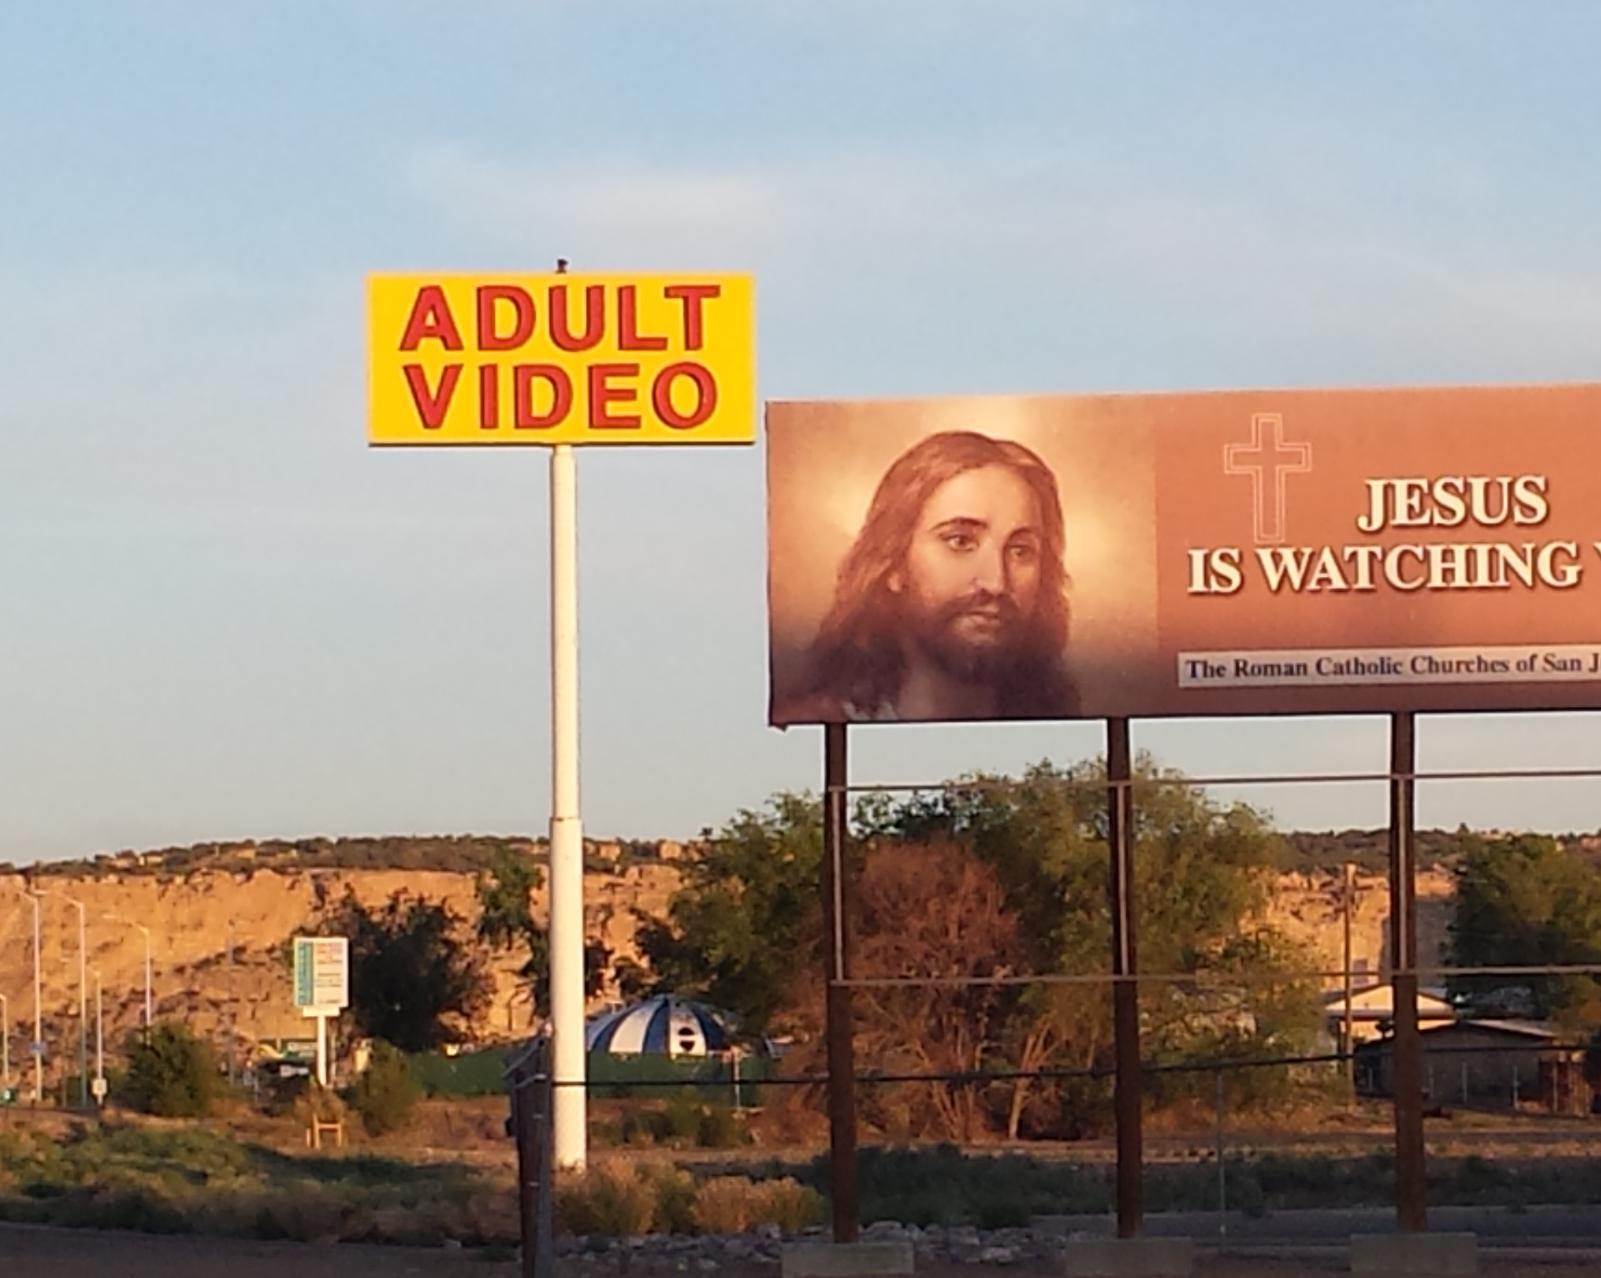 He is always watching. ALWAYS!